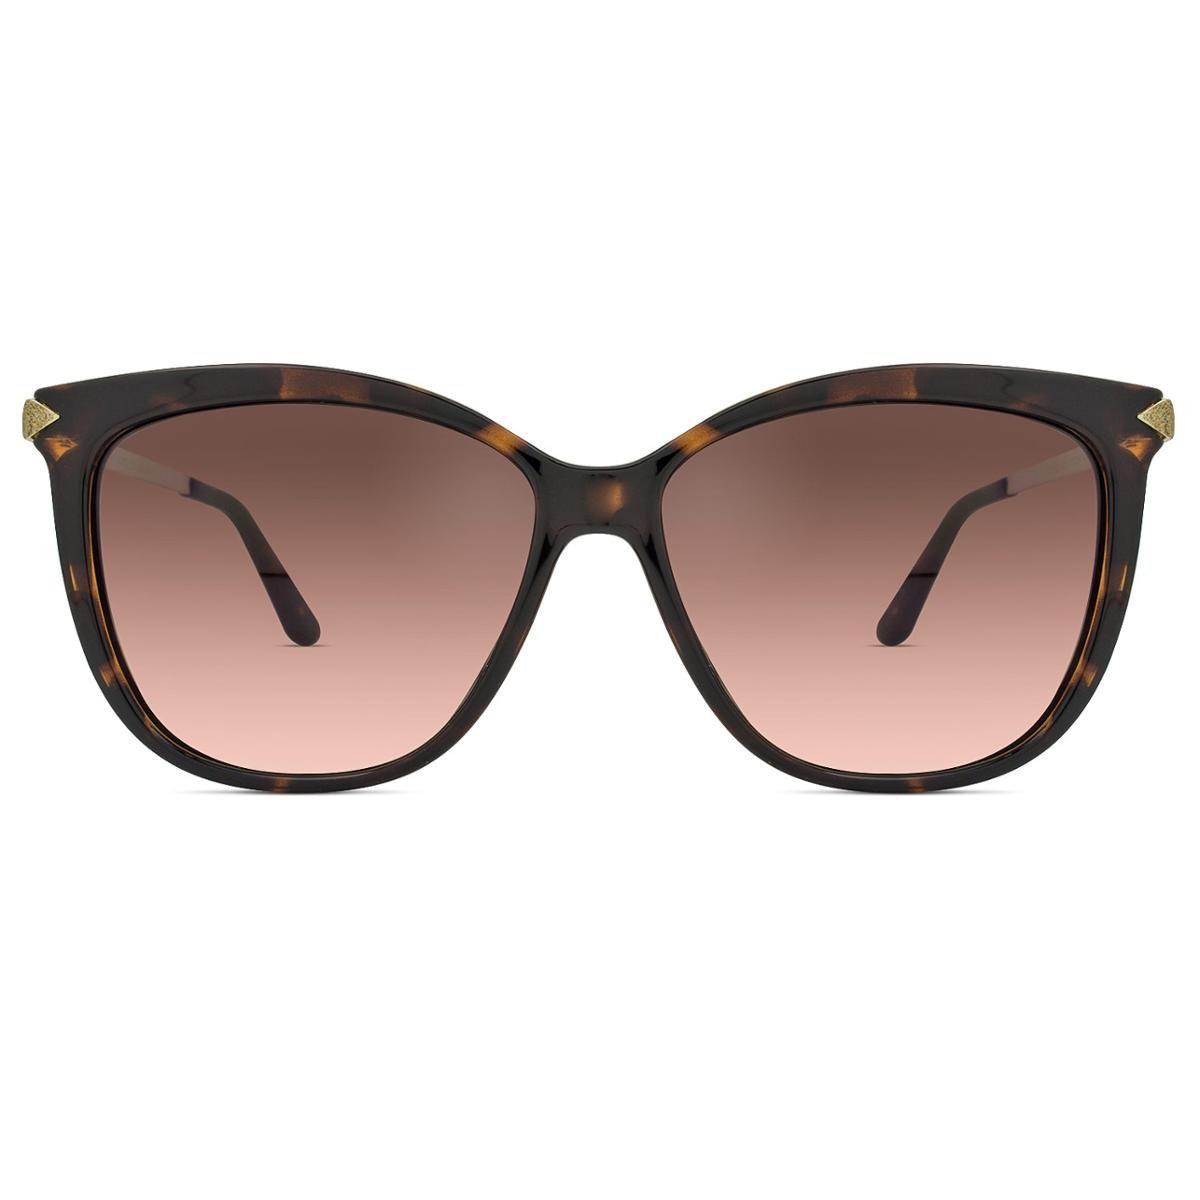 126e6e218805e Óculos de Sol Guess Feminino - Marrom - Compre Agora